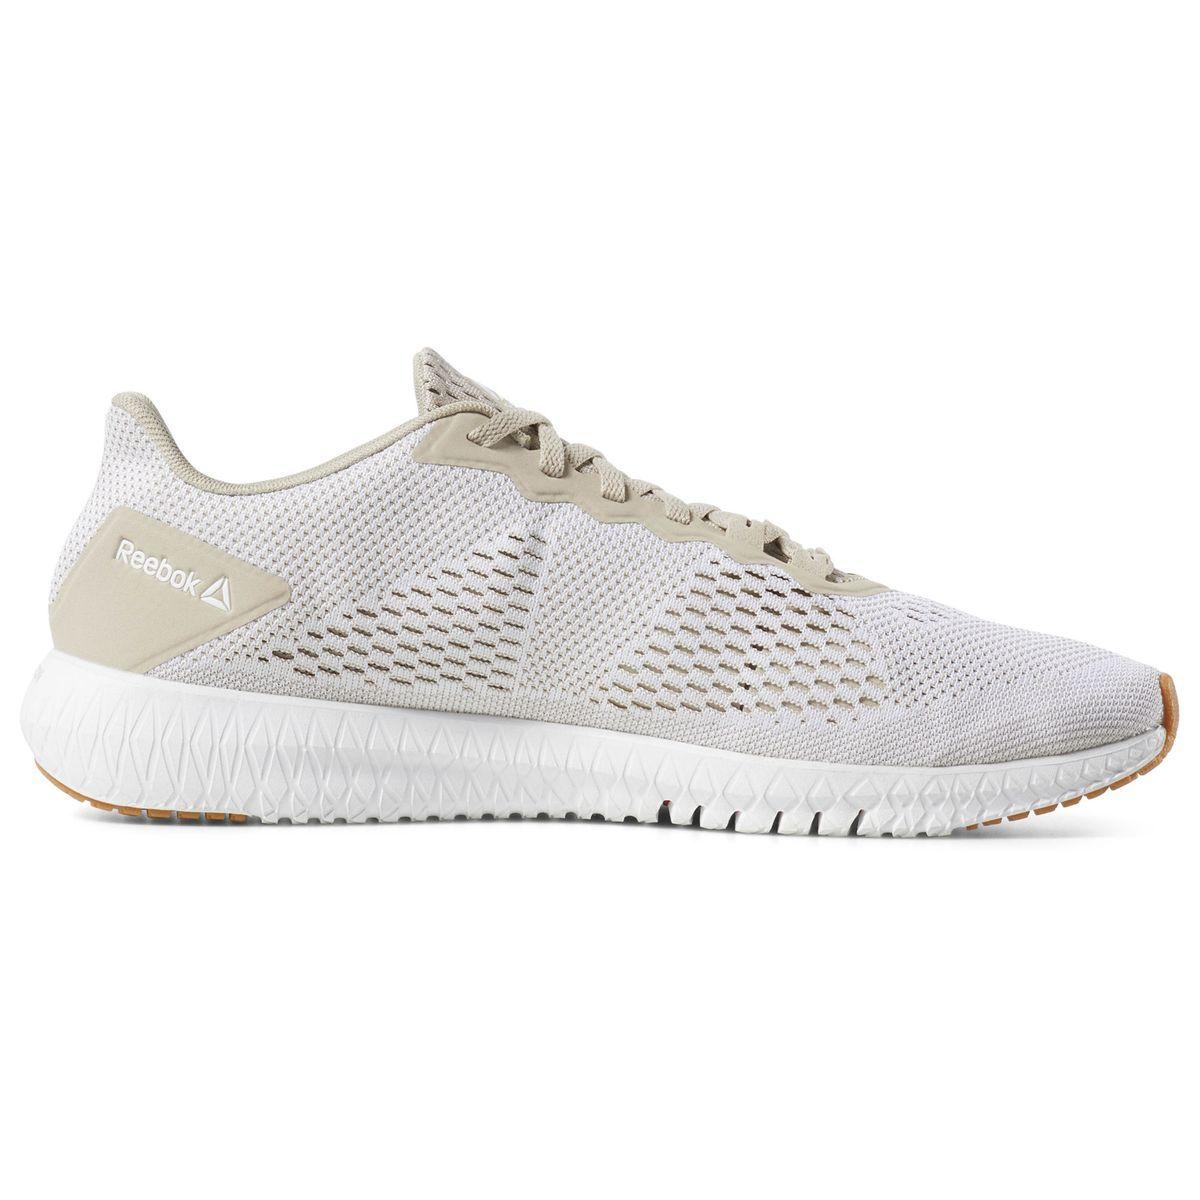 chaussures taille taille taille reebok reebok chaussures chaussures taille adidas adidas adidas reebok BQrdoCxeWE